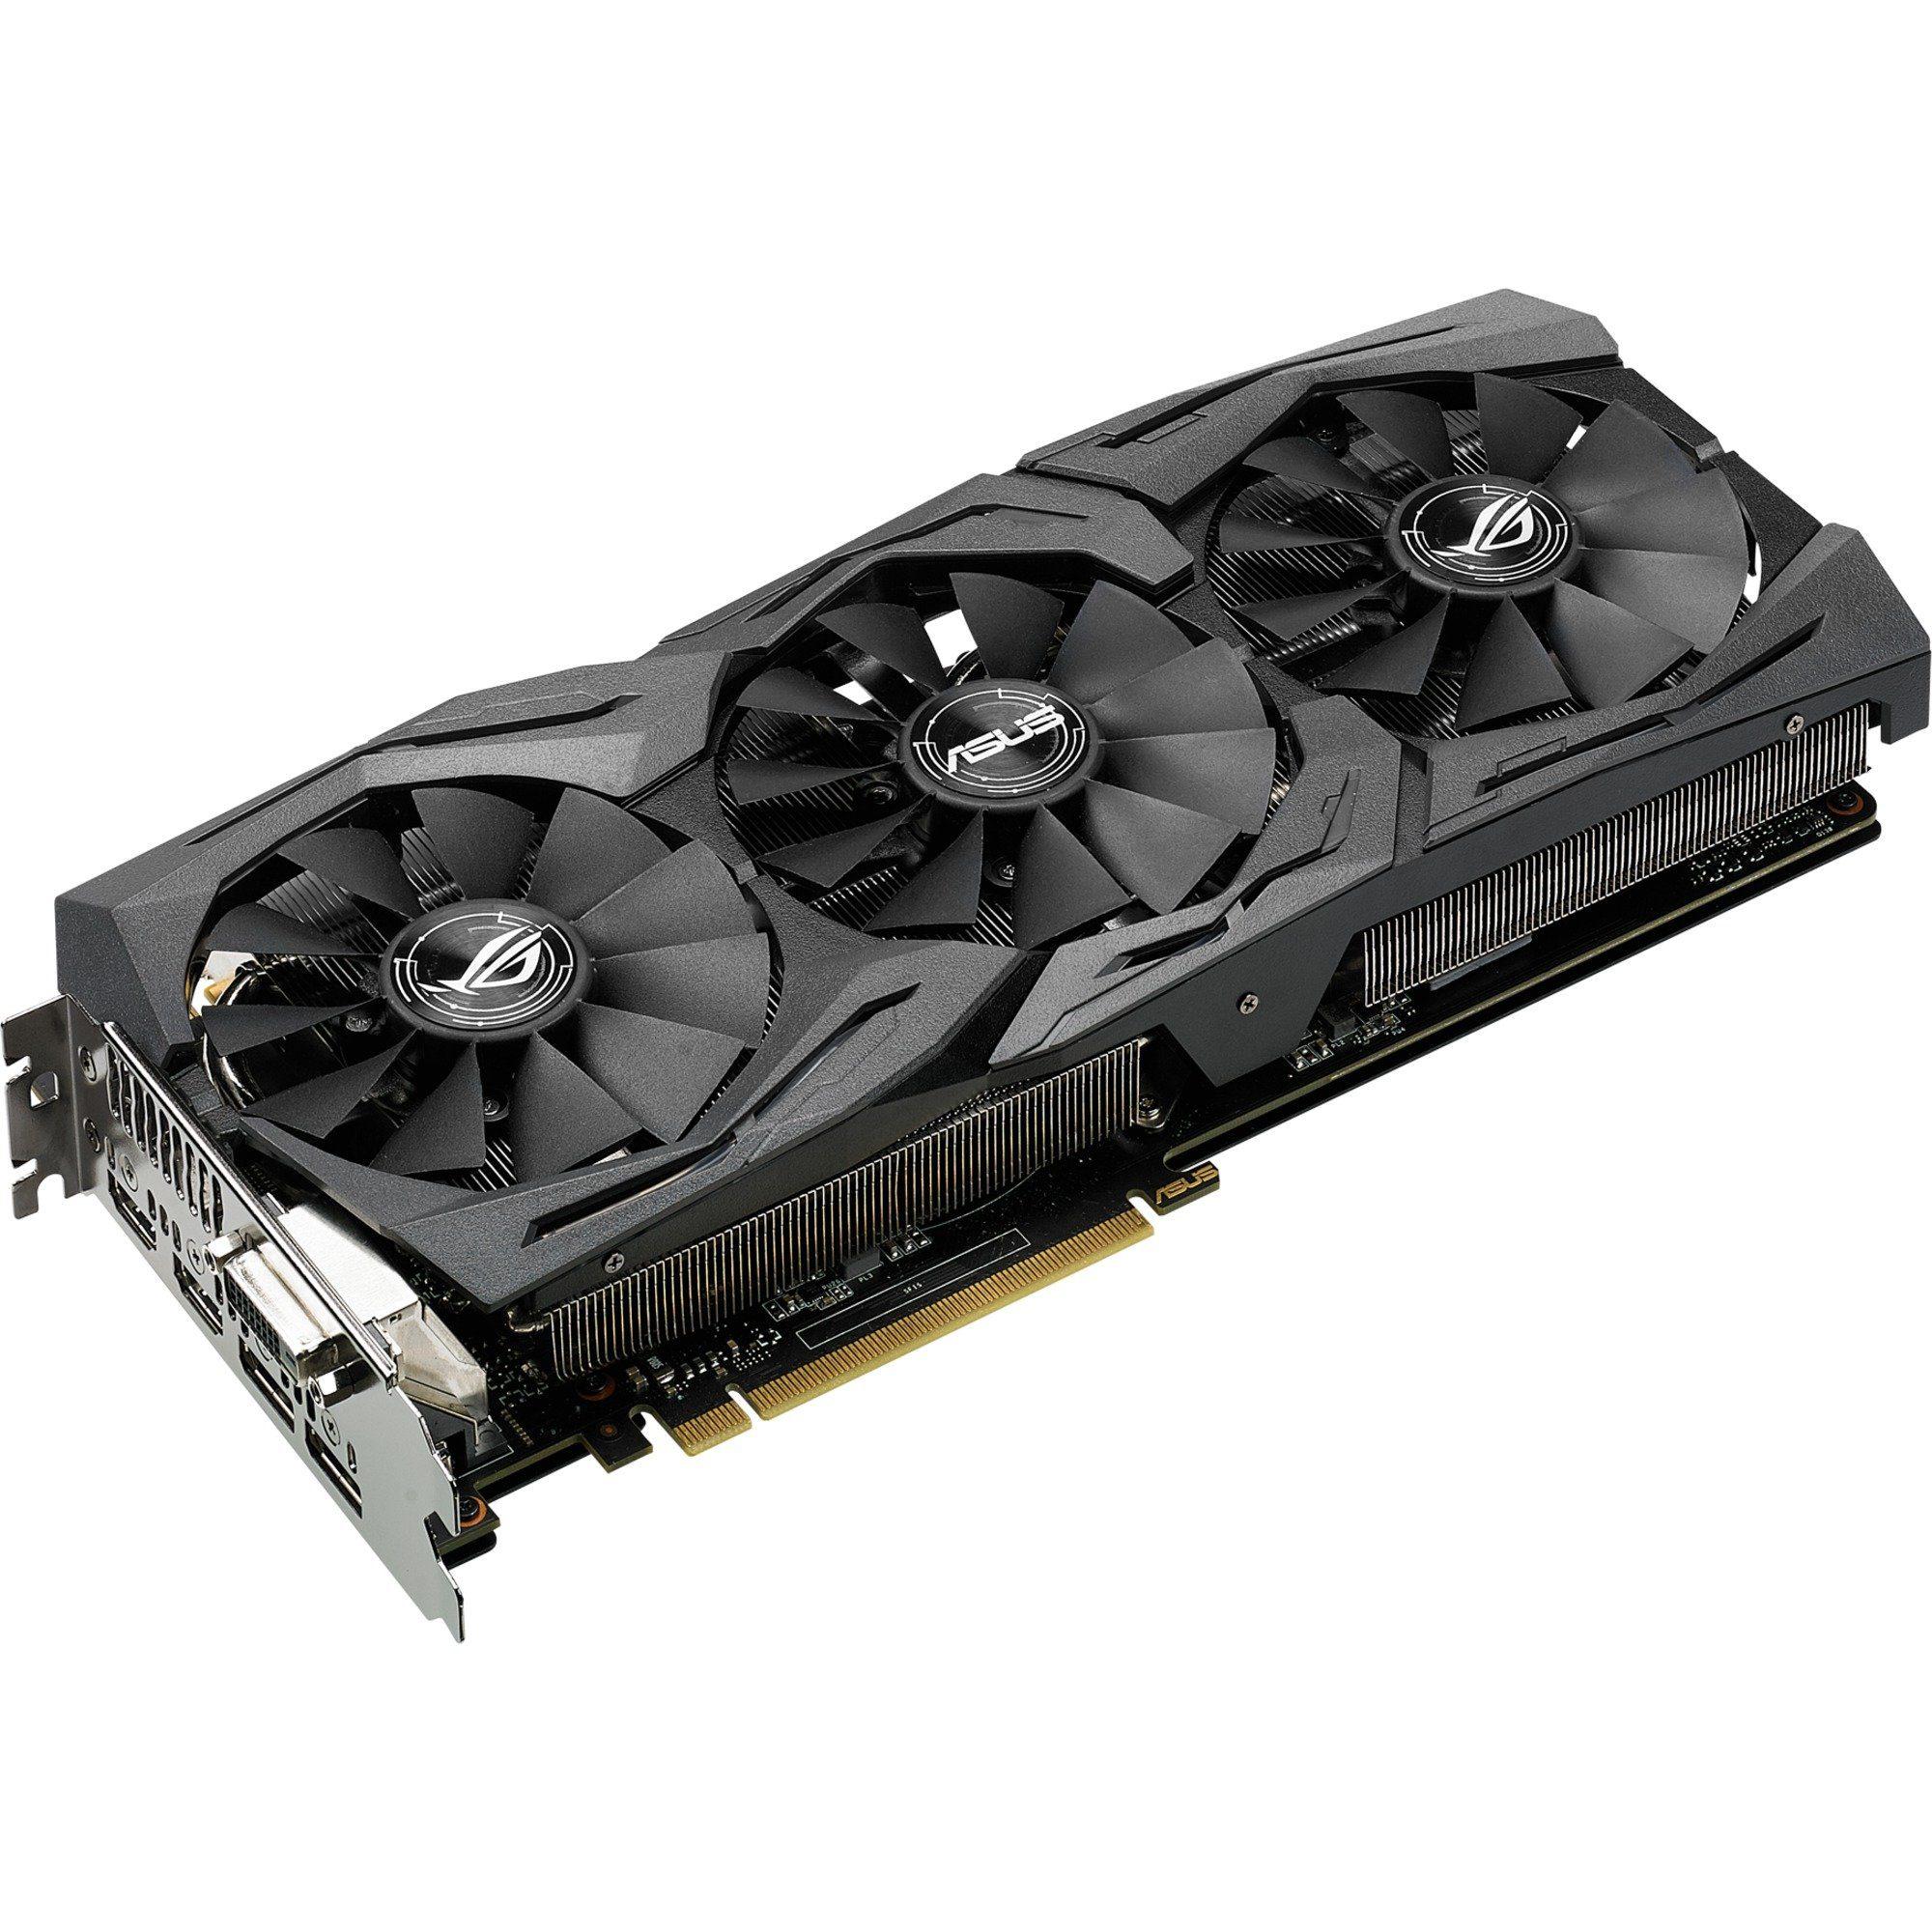 ASUS Grafikkarte »GeForce GTX 1080 STRIX Advanced«